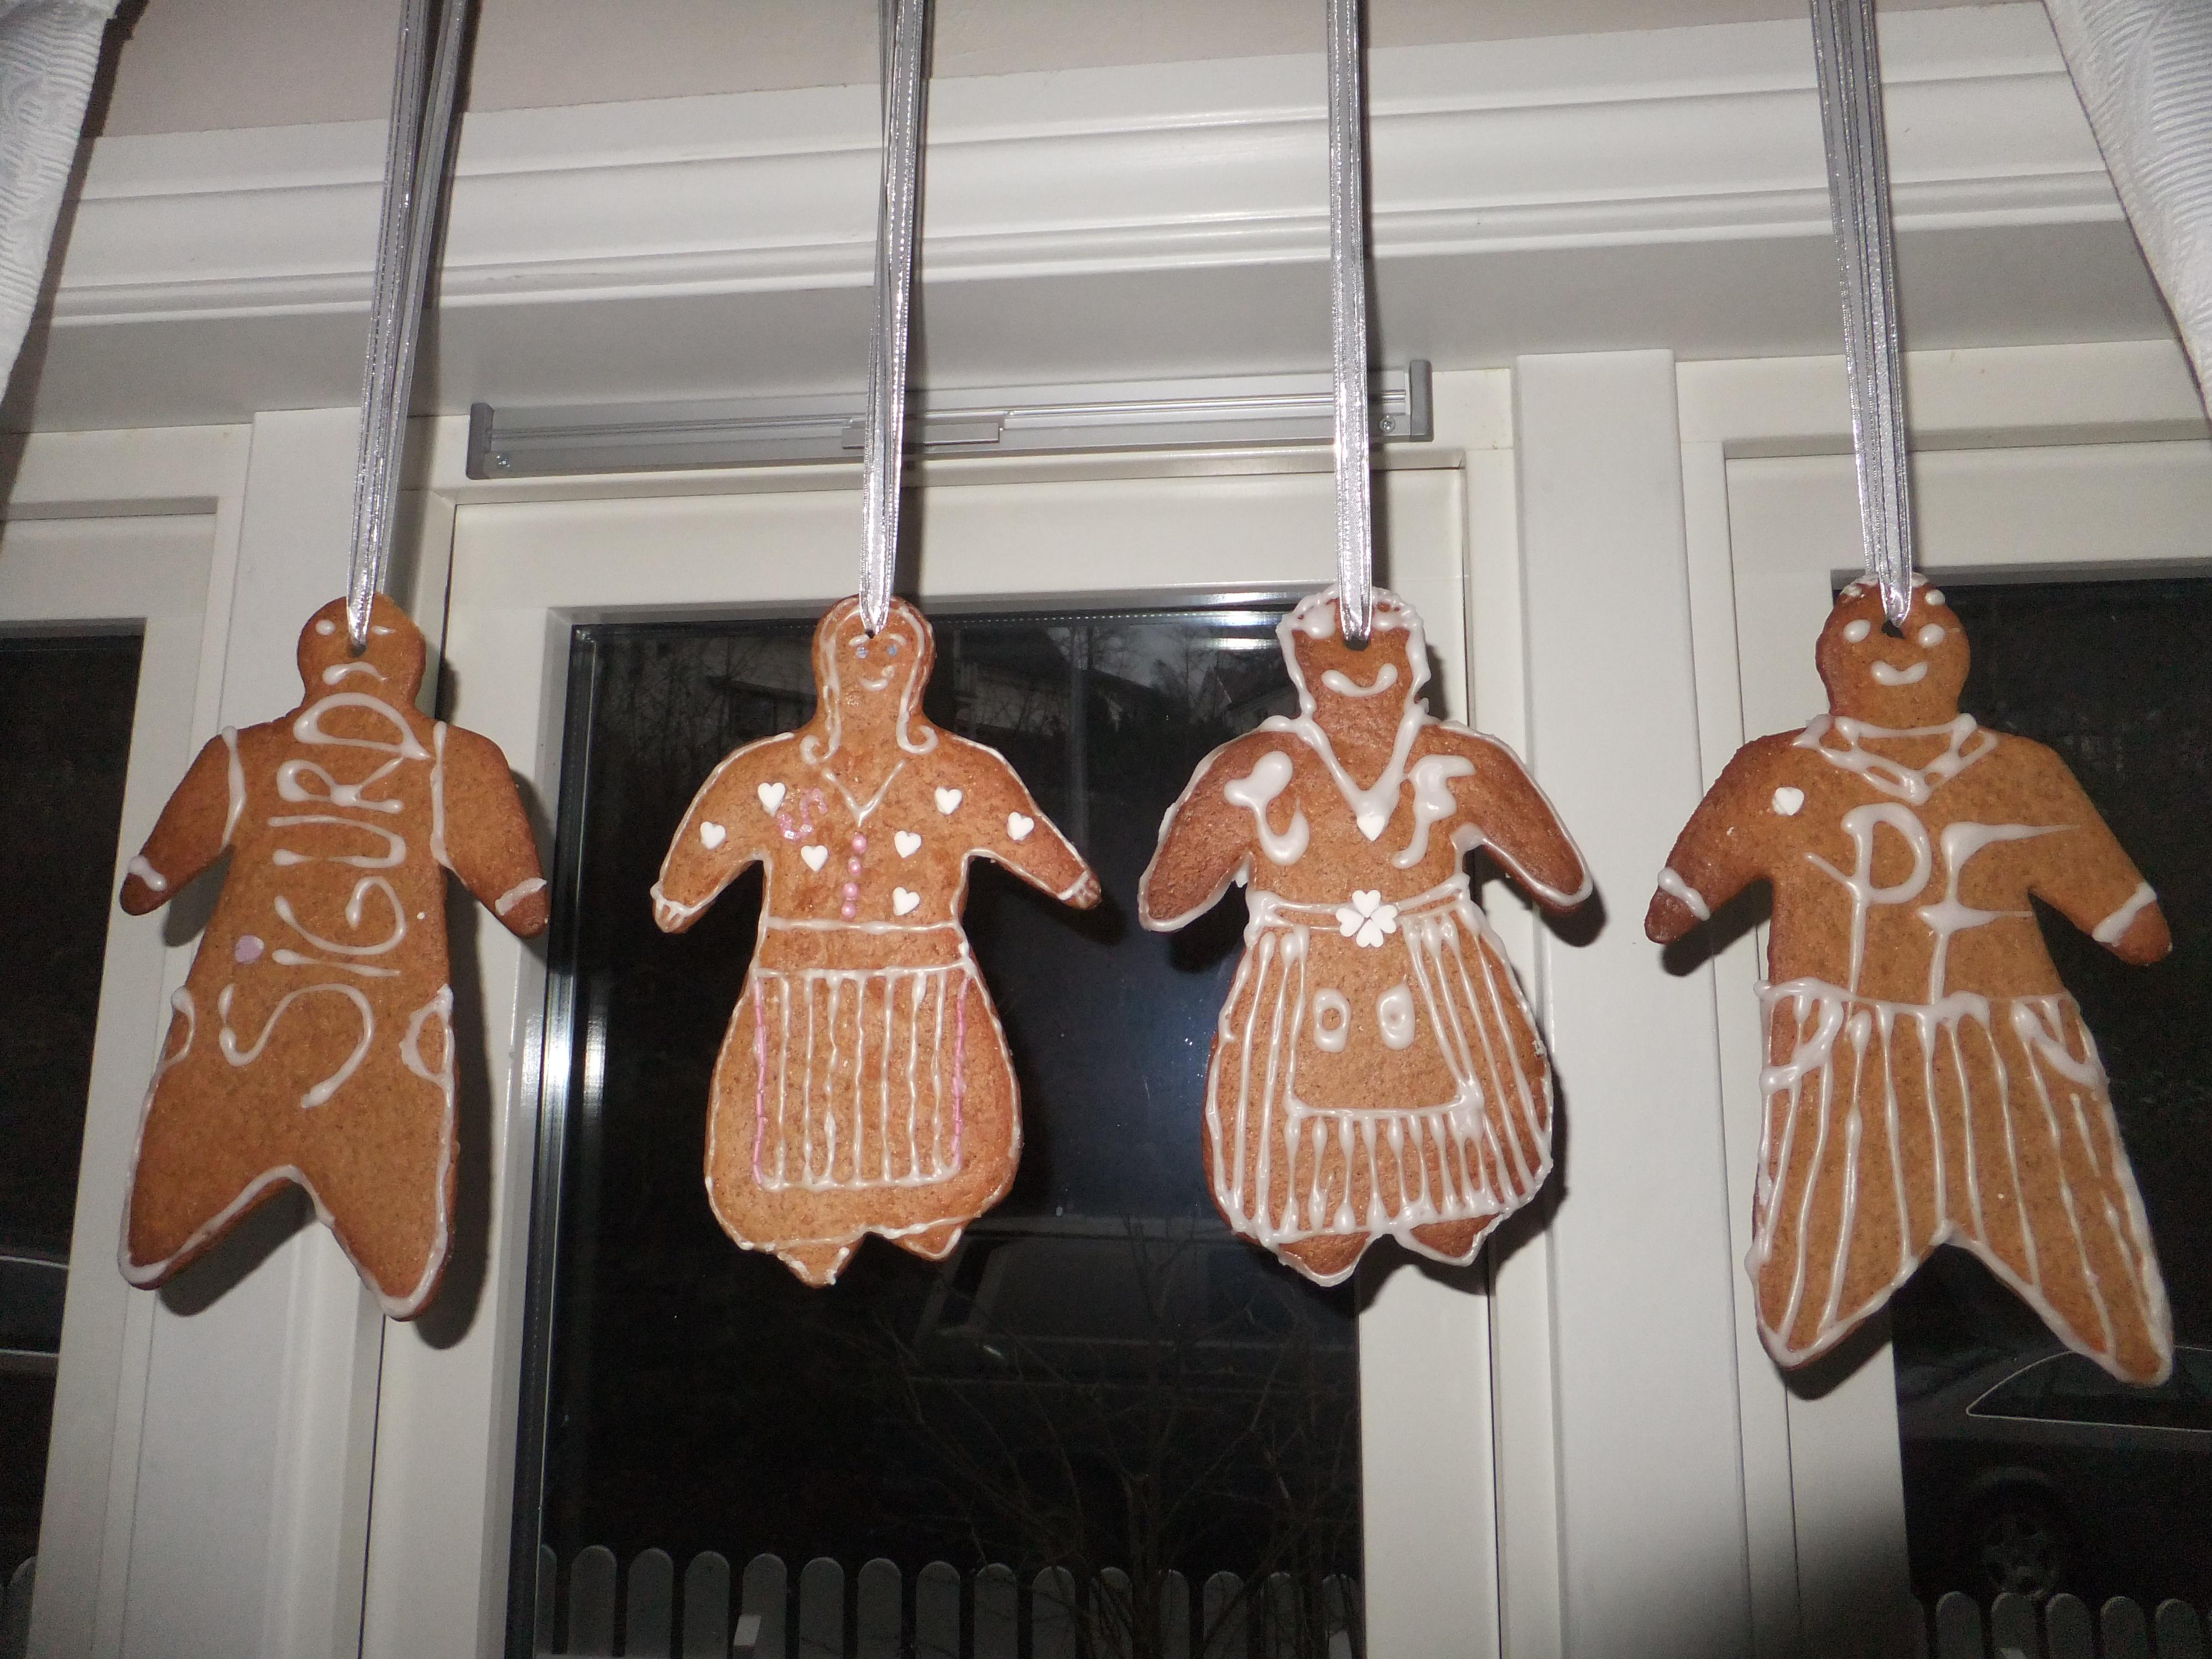 Vi lager pepperkaker og henger i vinduet hvert år. I år hadde vi koselig juleverksted med søster og nieser. Både pepperkaker og to sorter til ble bakt og pyntet på […]